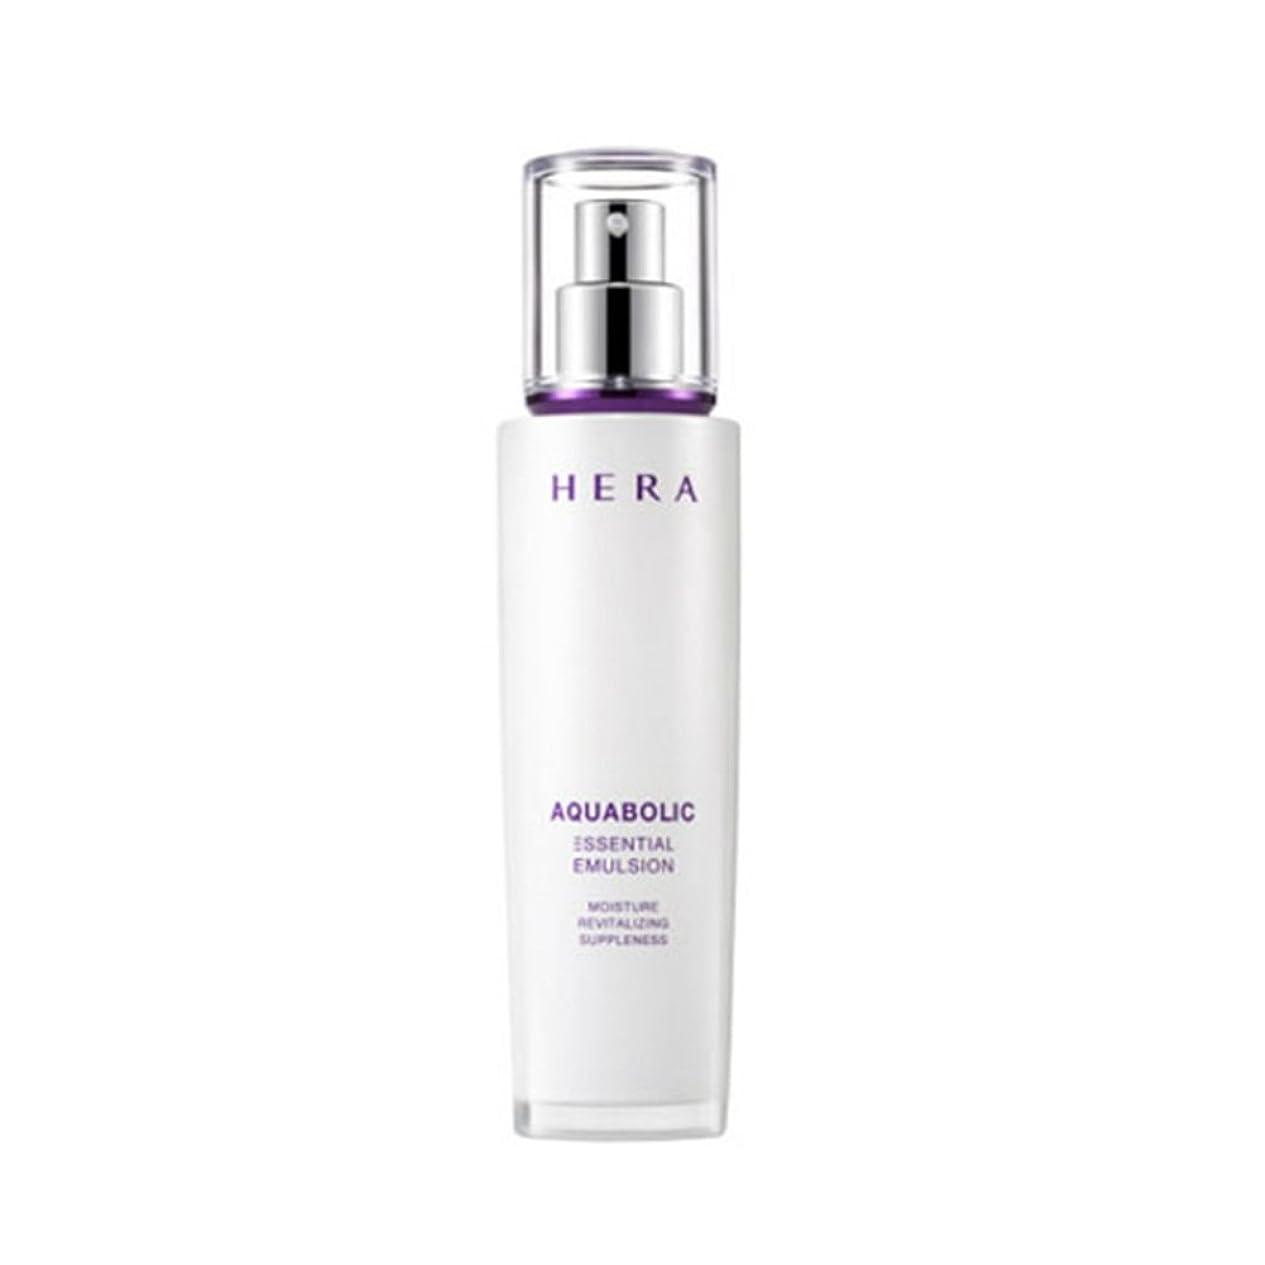 予防接種他に取り囲む(ヘラ) HERA アクアボリックエッセンシャル エマルジョン 120ml / Aquabolic Essential Emulsion 120ml (韓国直輸入)